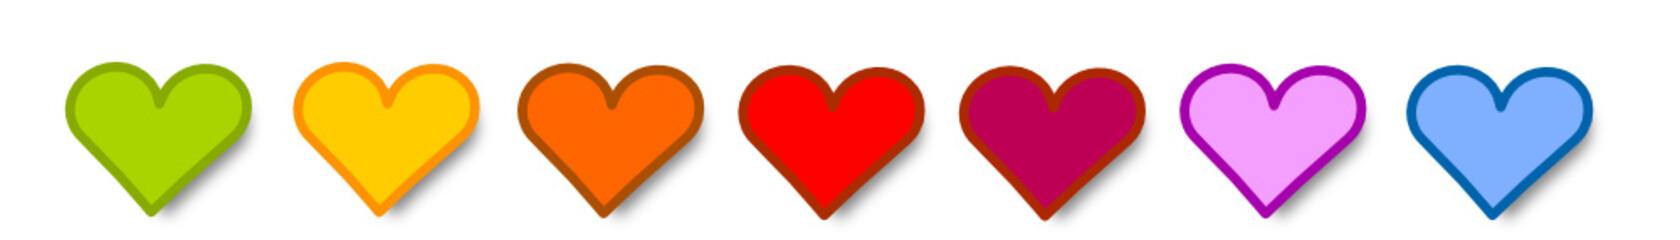 Herz Hintergrund Reihe Herzen Bunt Vektor